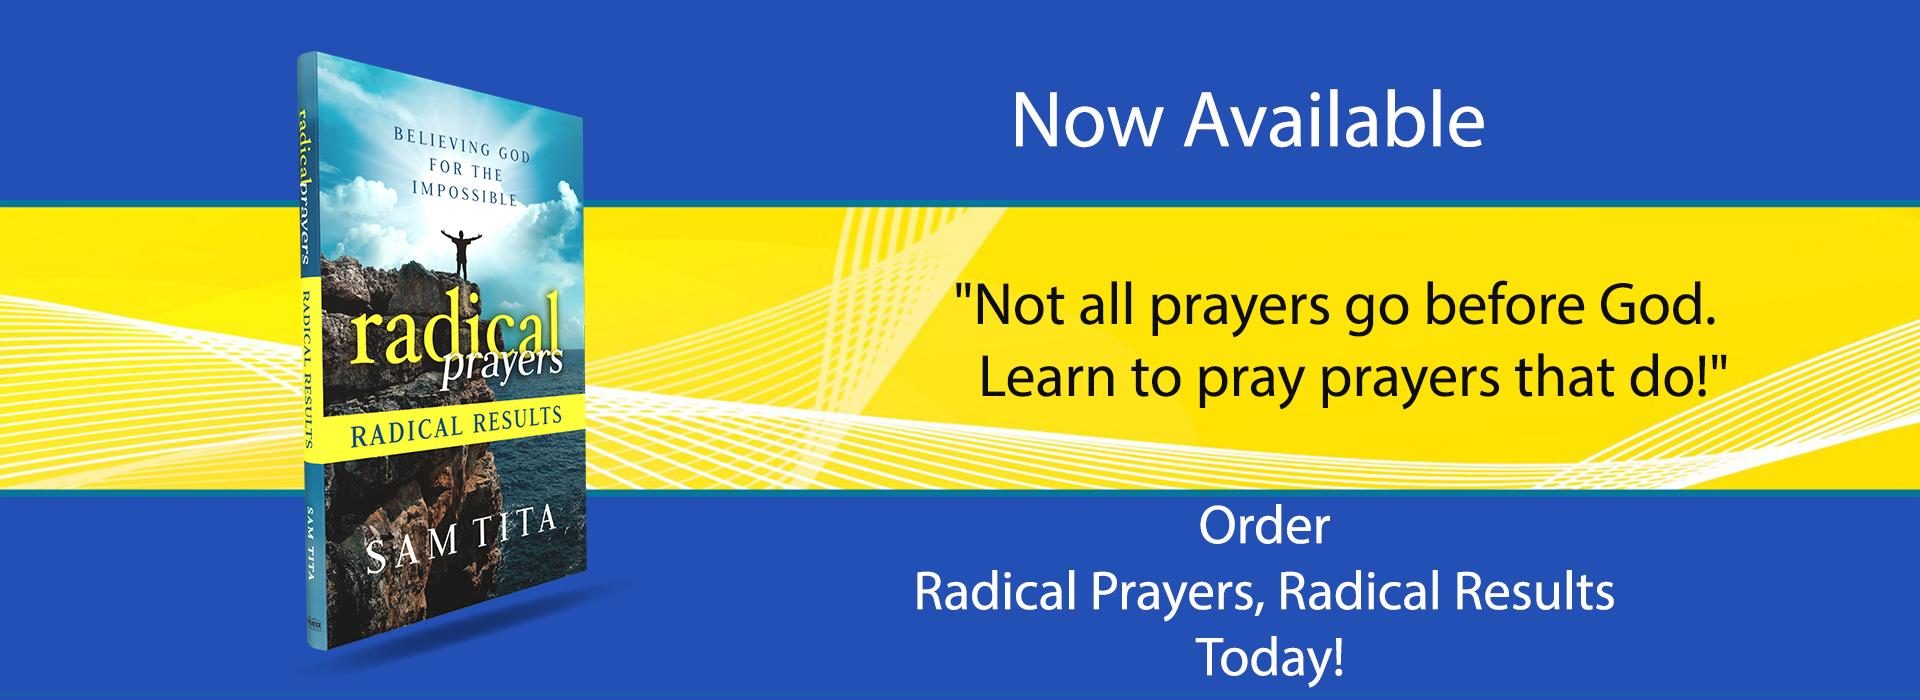 Slider02_Prayer book_Available